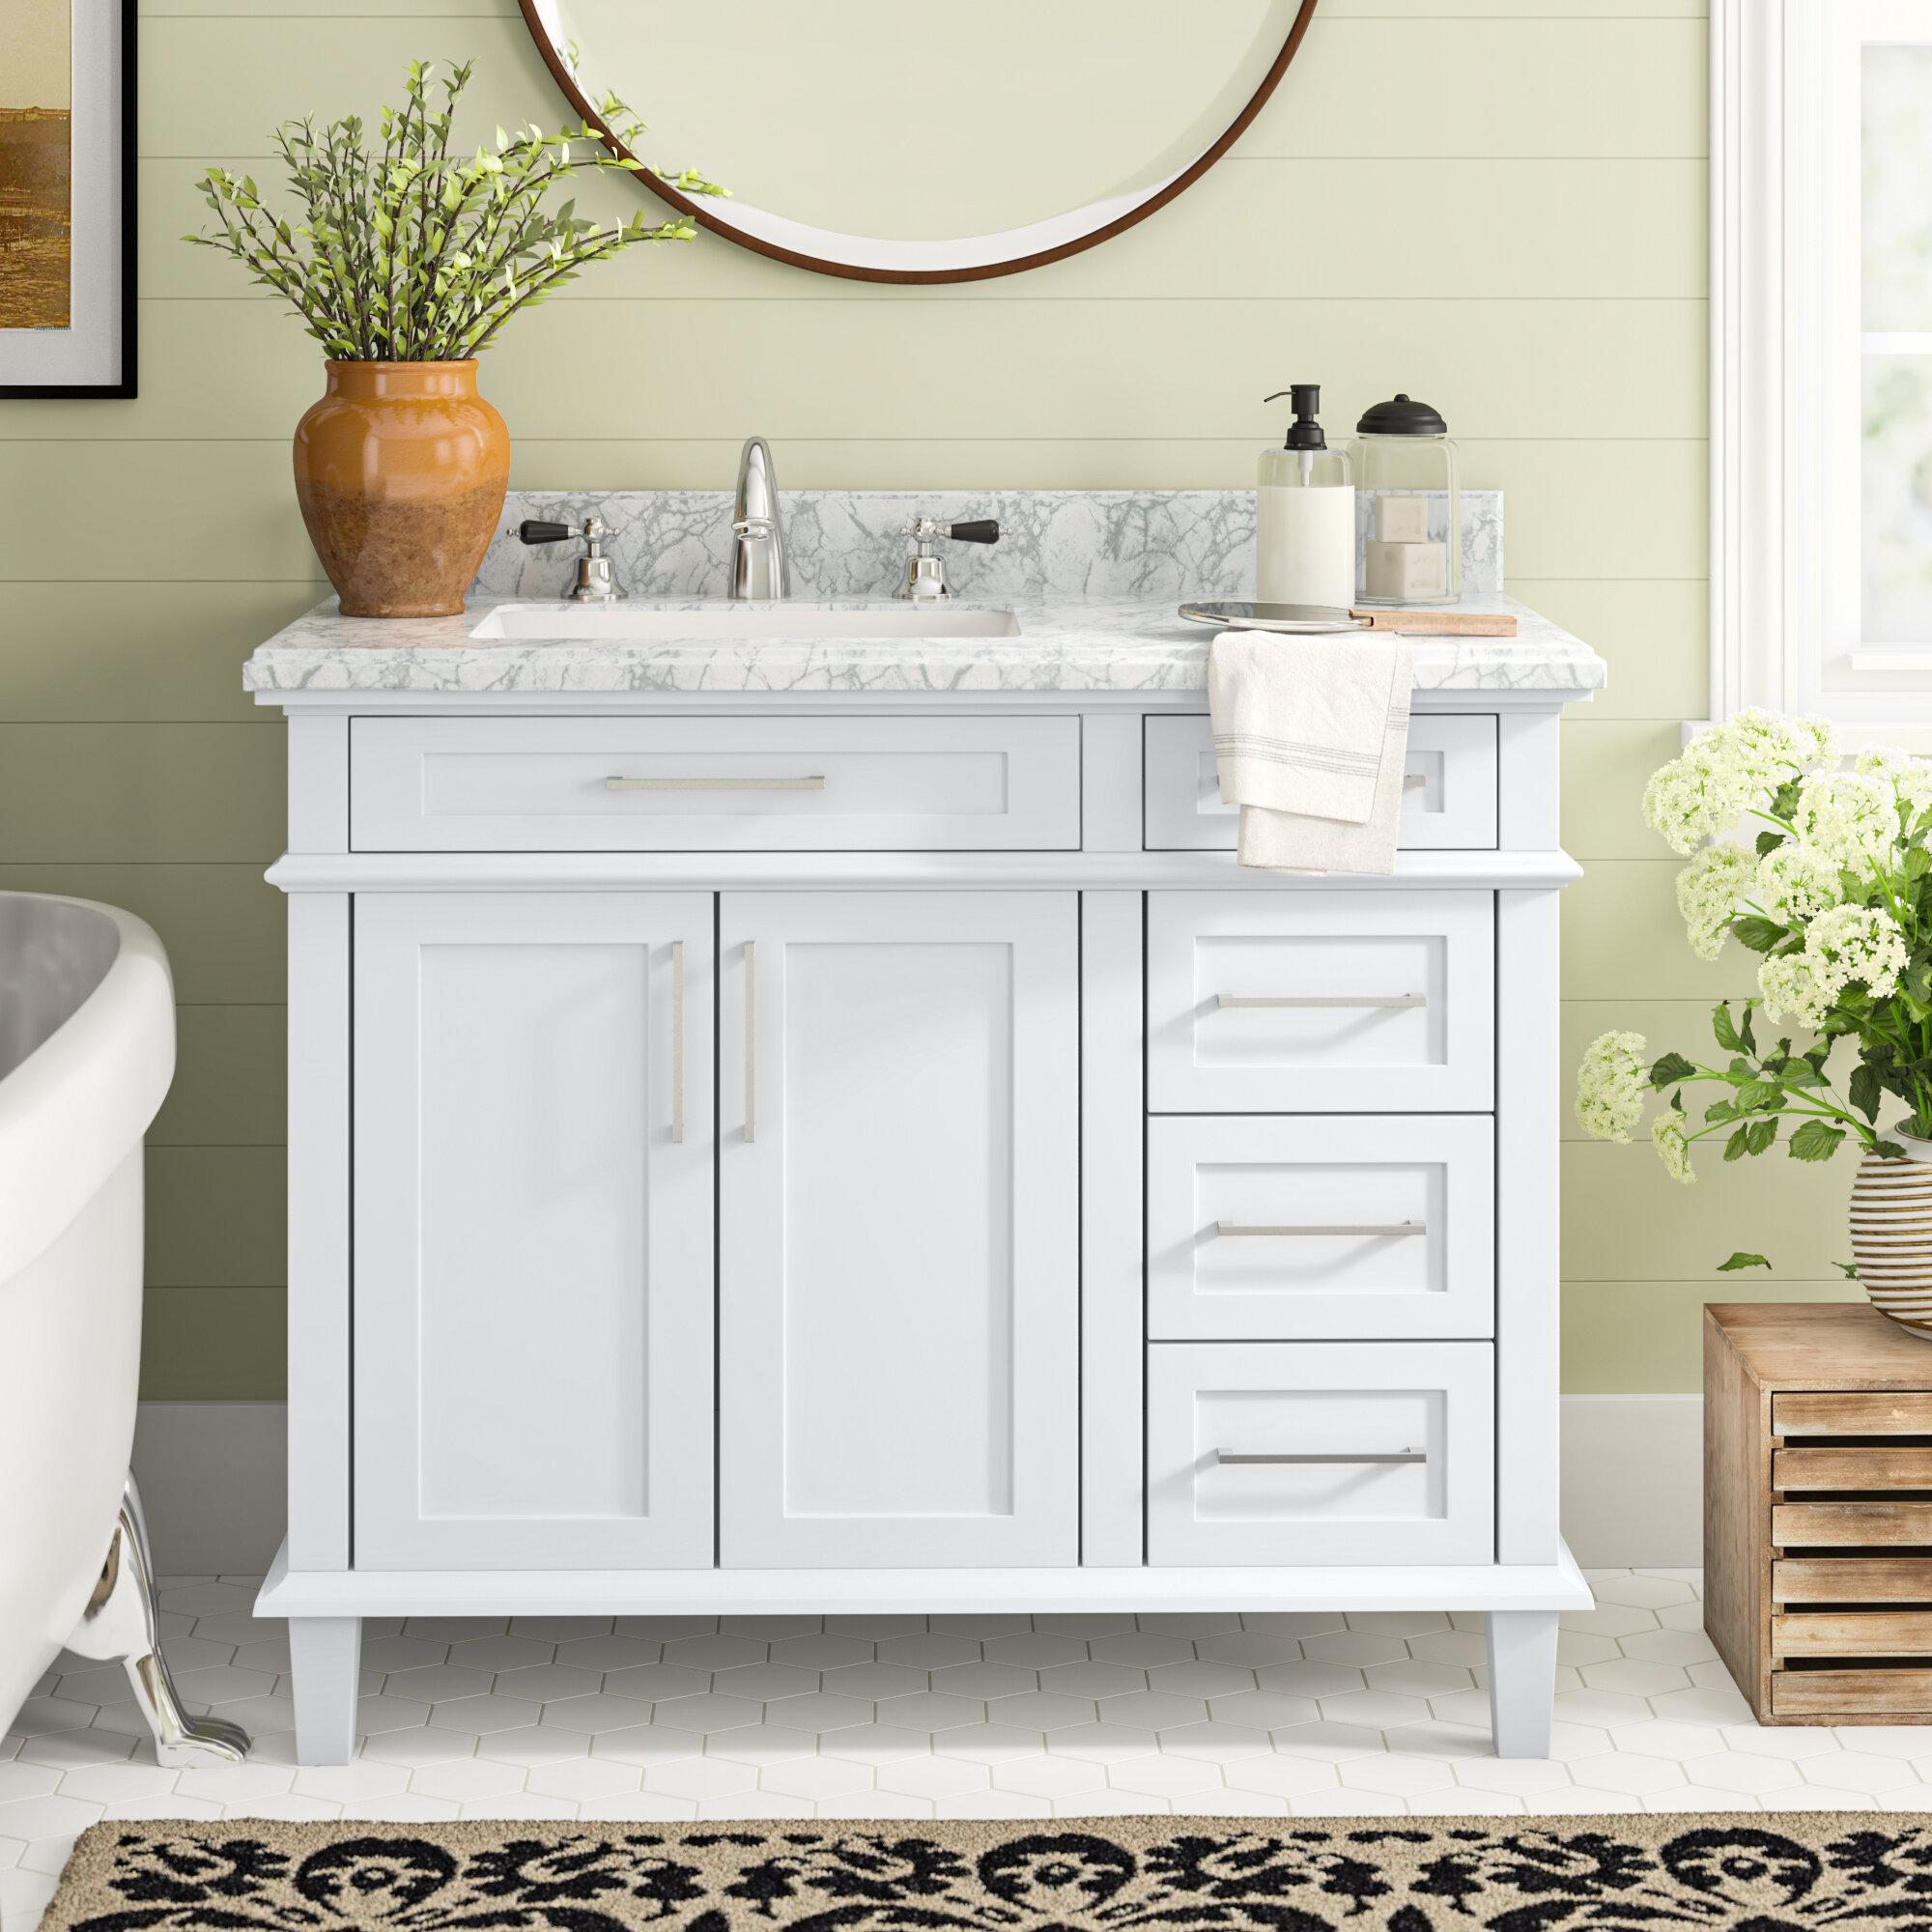 42 Inch White Bathroom Vanities You Ll Love In 2021 Wayfair